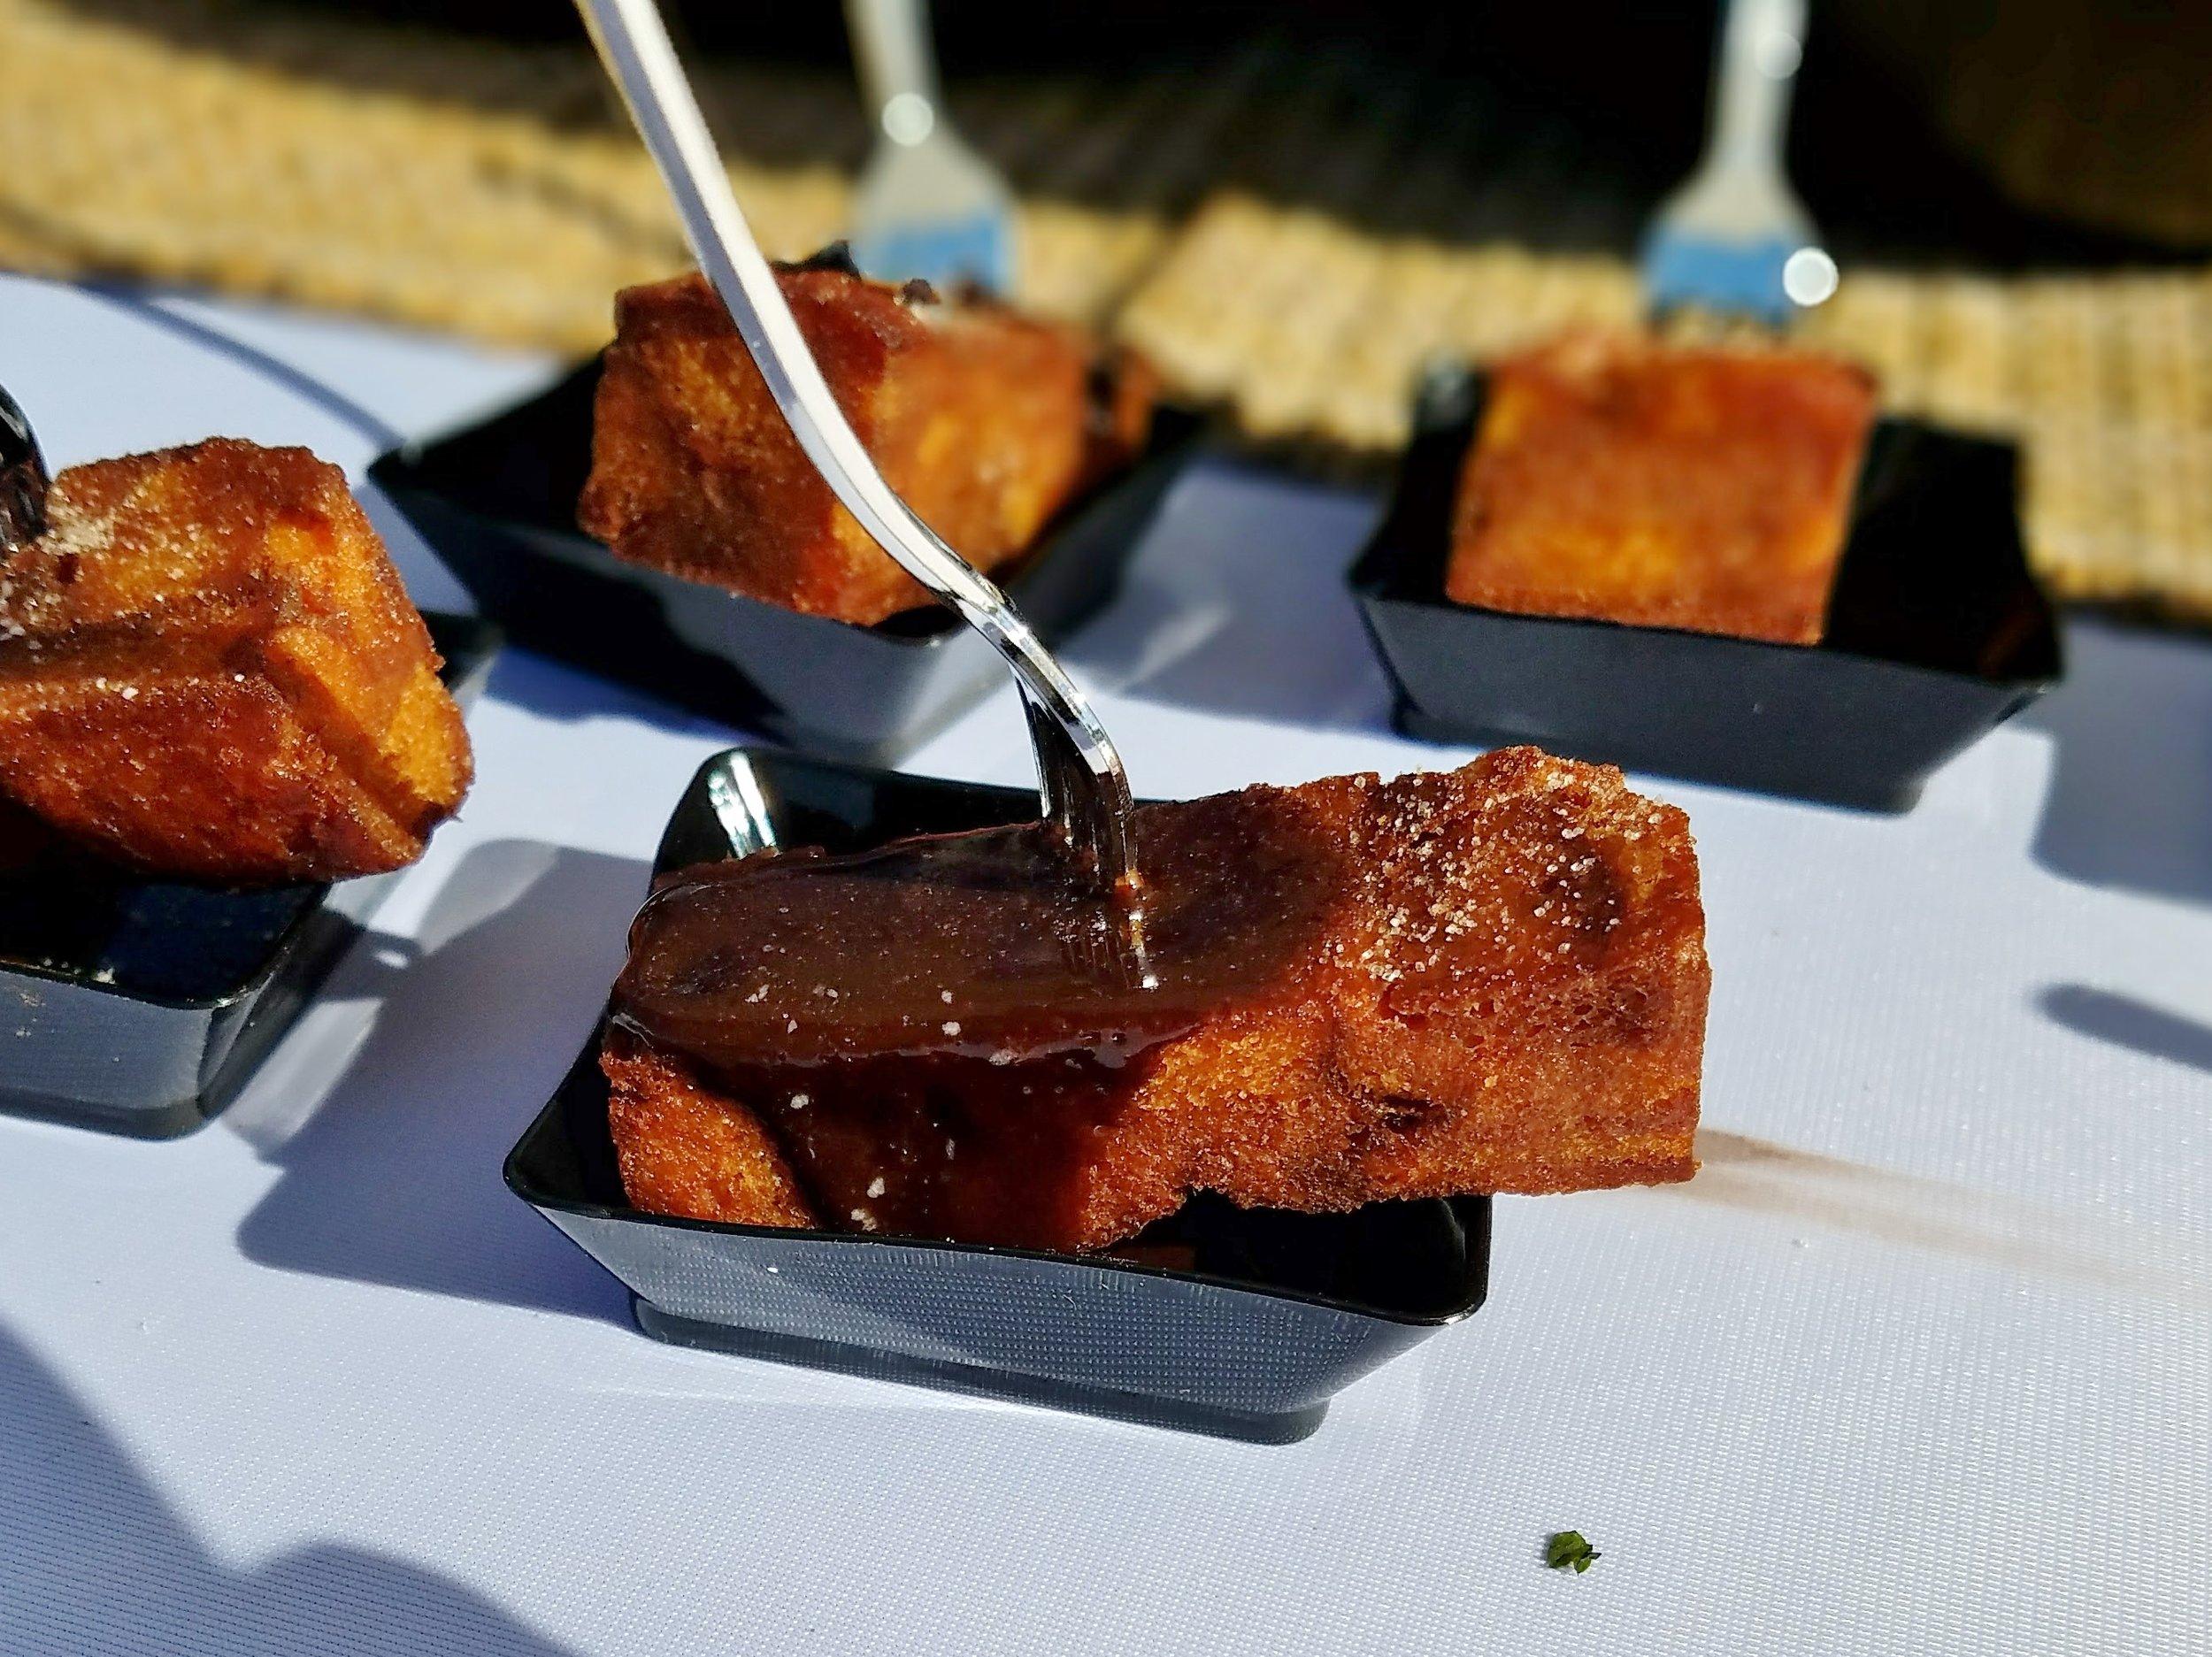 French toast churros